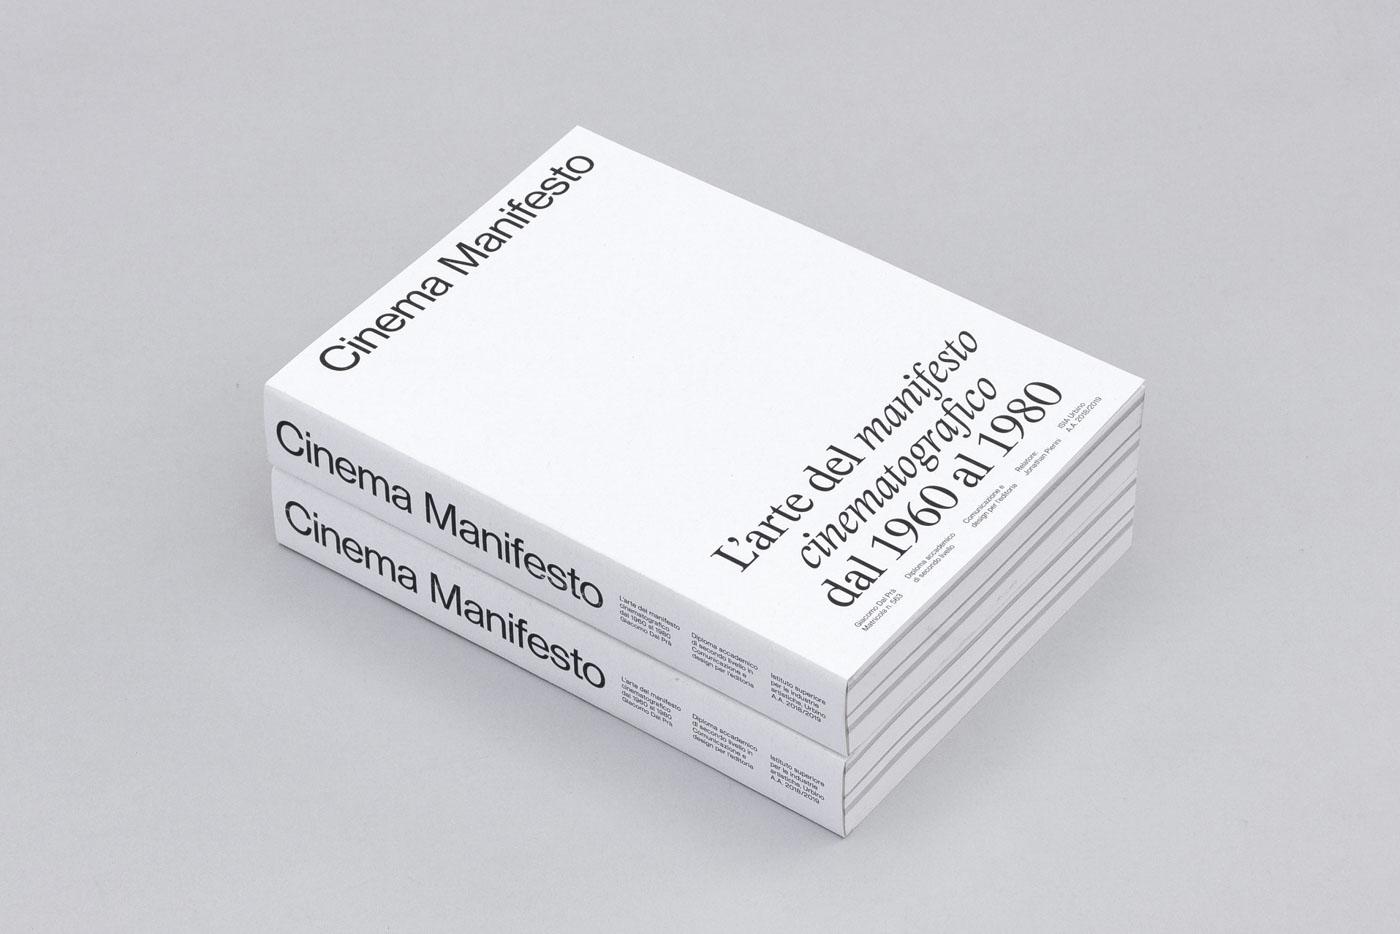 Cinema Manifesto Giacomo Dal Prà Call for Creatives